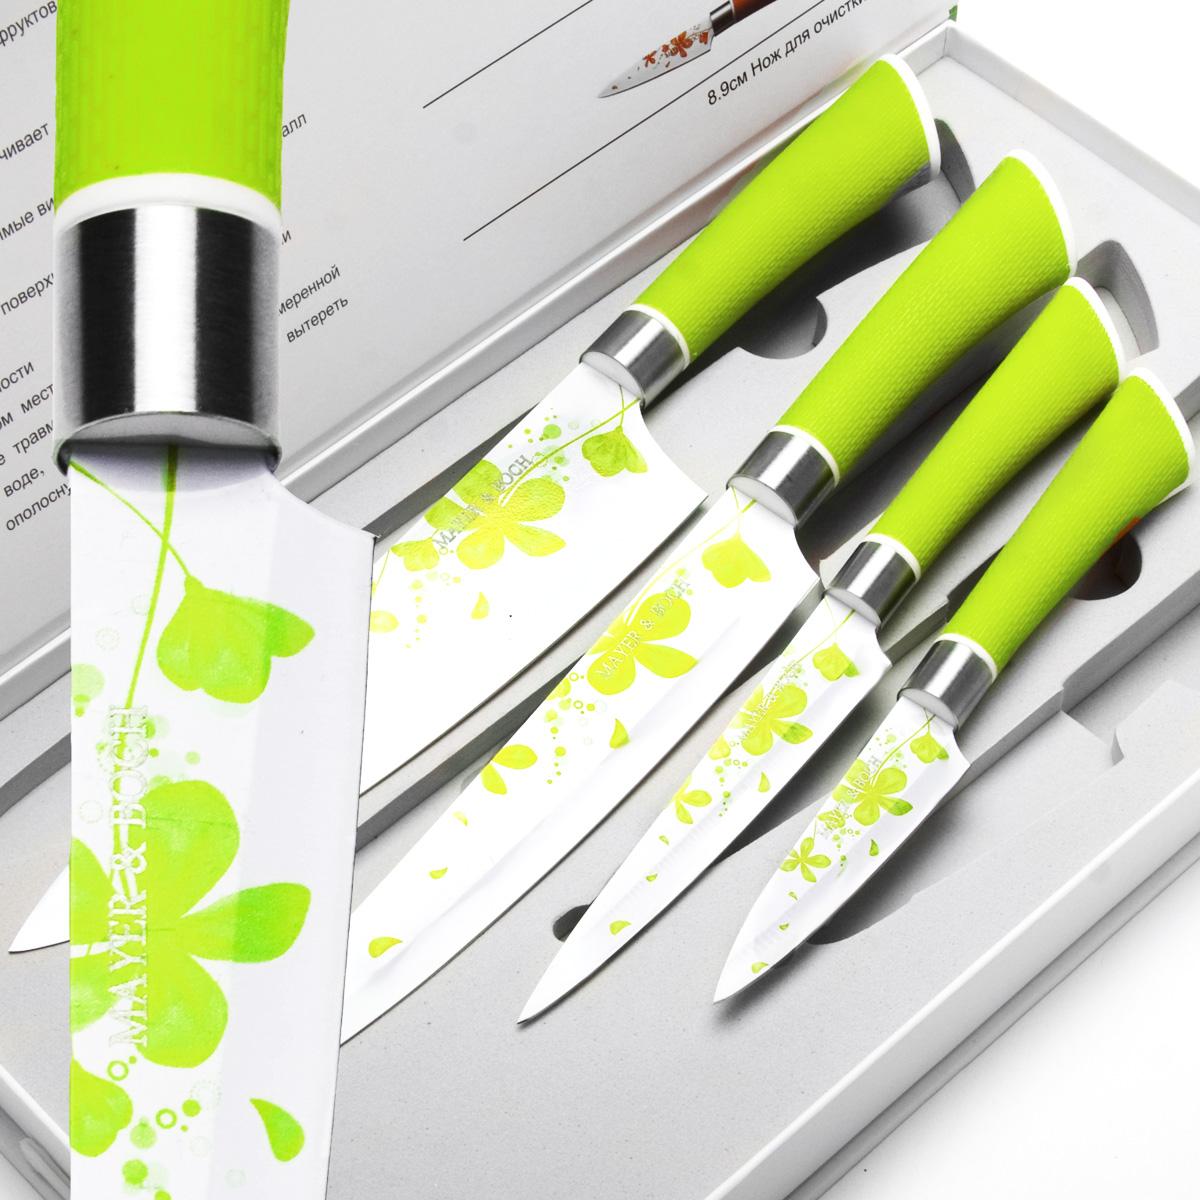 Набор ножей Mayer & Boch, цвет: зеленый, 4 шт. 2414224142Набор ножей Mayer & Boch состоит из 4 ножей: нож поварской, нож универсальный, нож разделочный и нож для очистки. Ножи выполнены из нержавеющей стали, ручки из полипропилена. Оригинальный набор ножей великолепно украсит интерьер кухни и станет замечательным помощником. Можно мыть в посудомоечной машине. Длина лезвия поварского ножа: 20,3 см. Общая длина поварского ножа: 33 см. Длина лезвия разделочного ножа: 20,3 см. Общая длина разделочного ножа: 33 см. Длина лезвия универсального ножа: 12,8 см. Общая длина универсального ножа: 24 см. Длина лезвия ножа для очистки: 8,9 см. Общая длина ножа для очистки: 20 см.